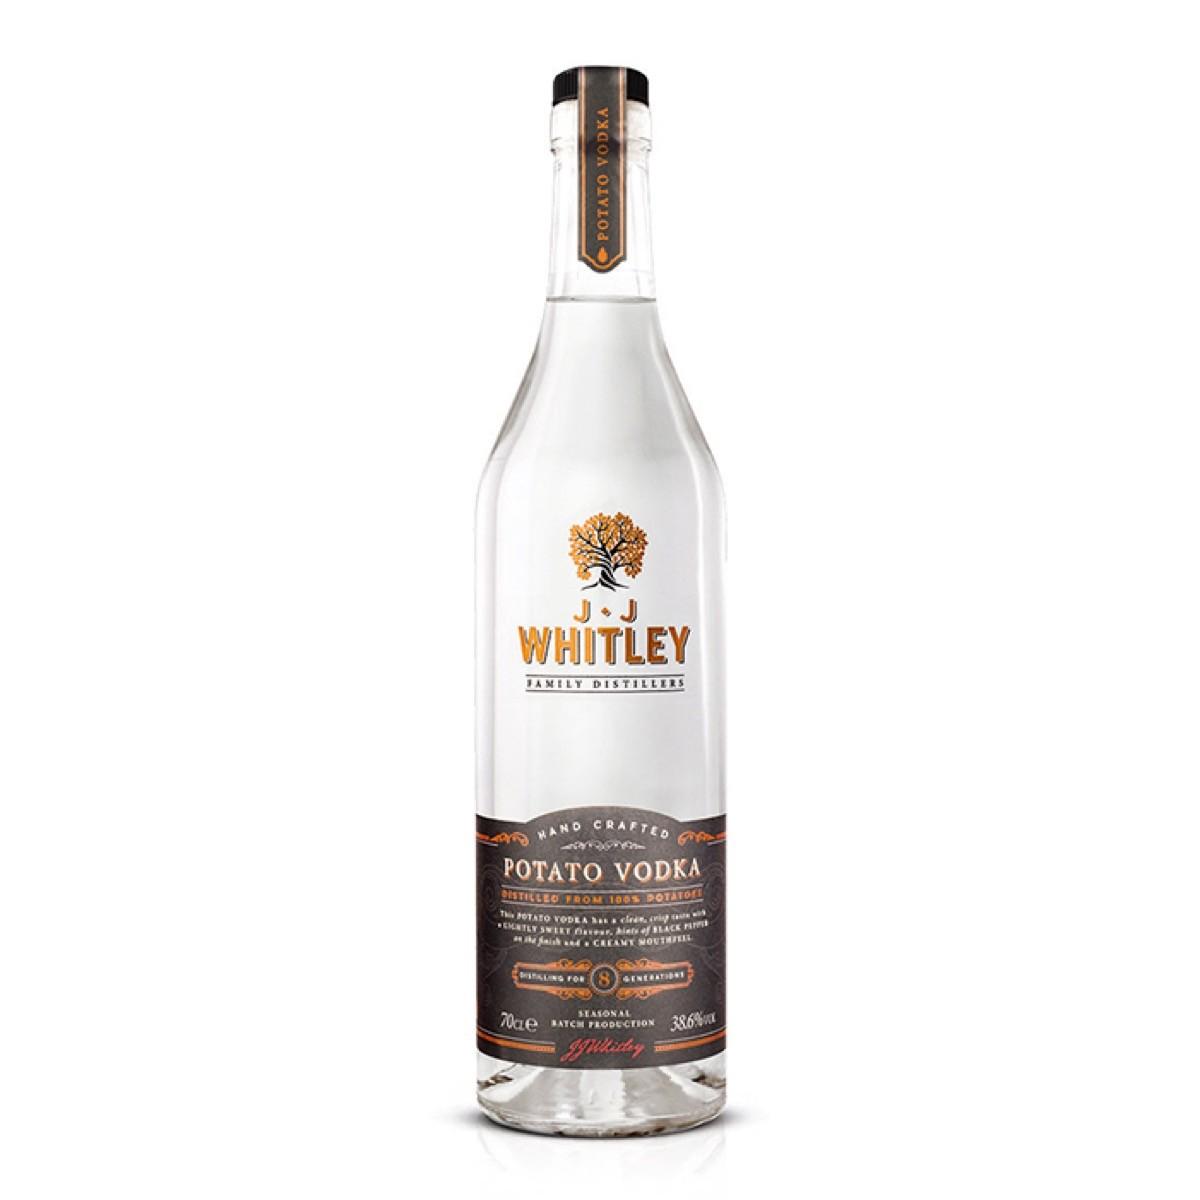 J.J. Whitley Potato Vodka